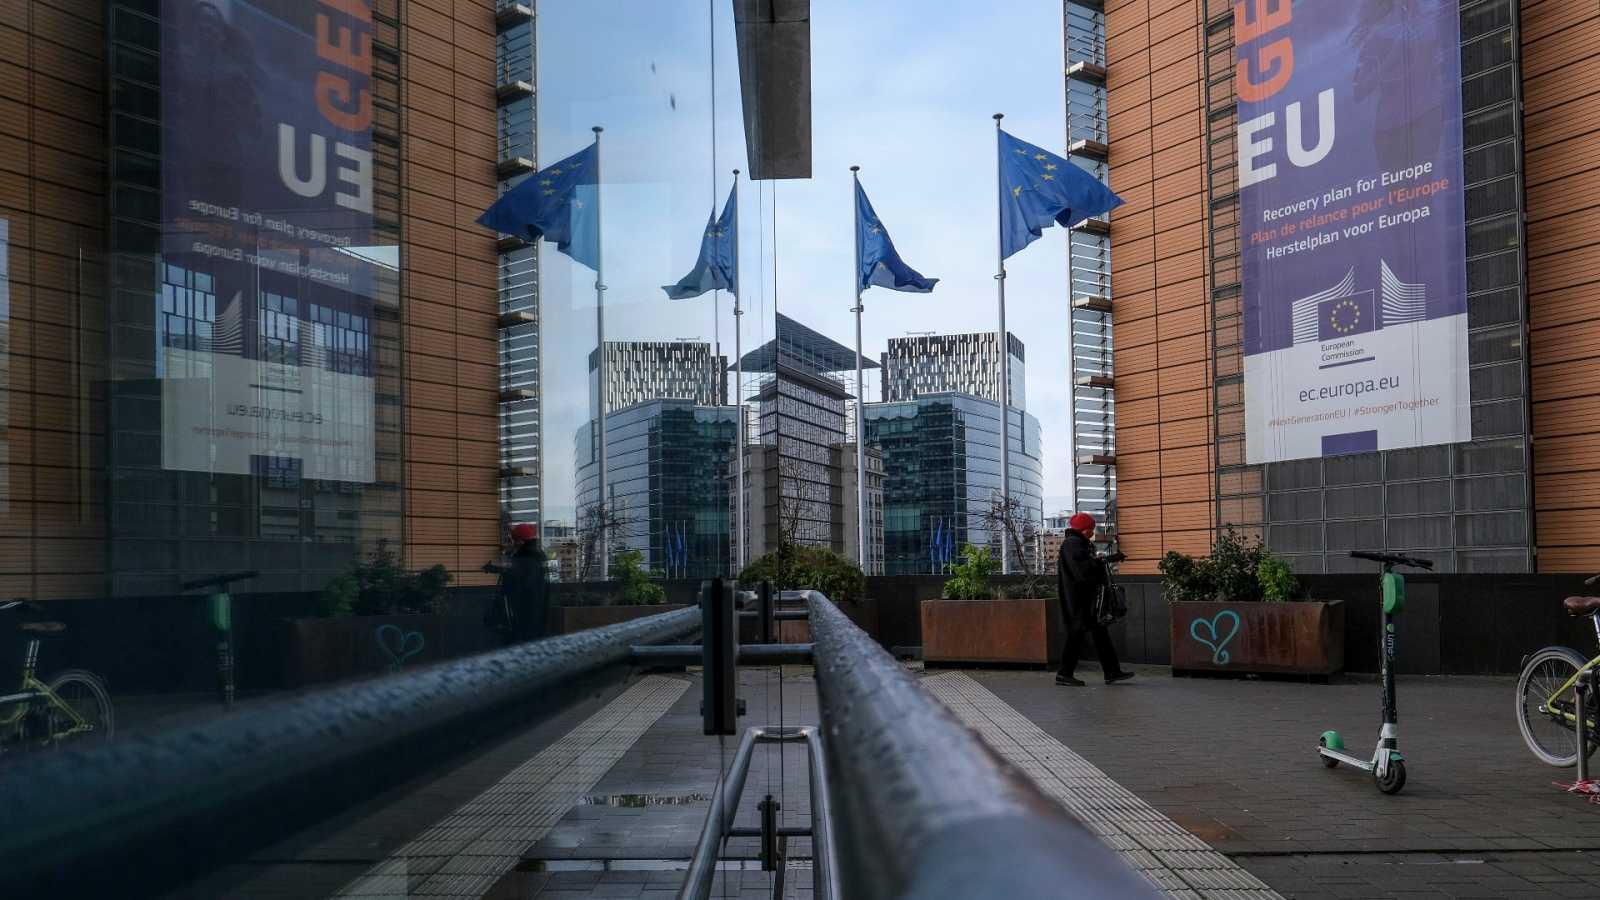 Reportajes 5 Continentes - 2021: las prioridades de la Unión Europea